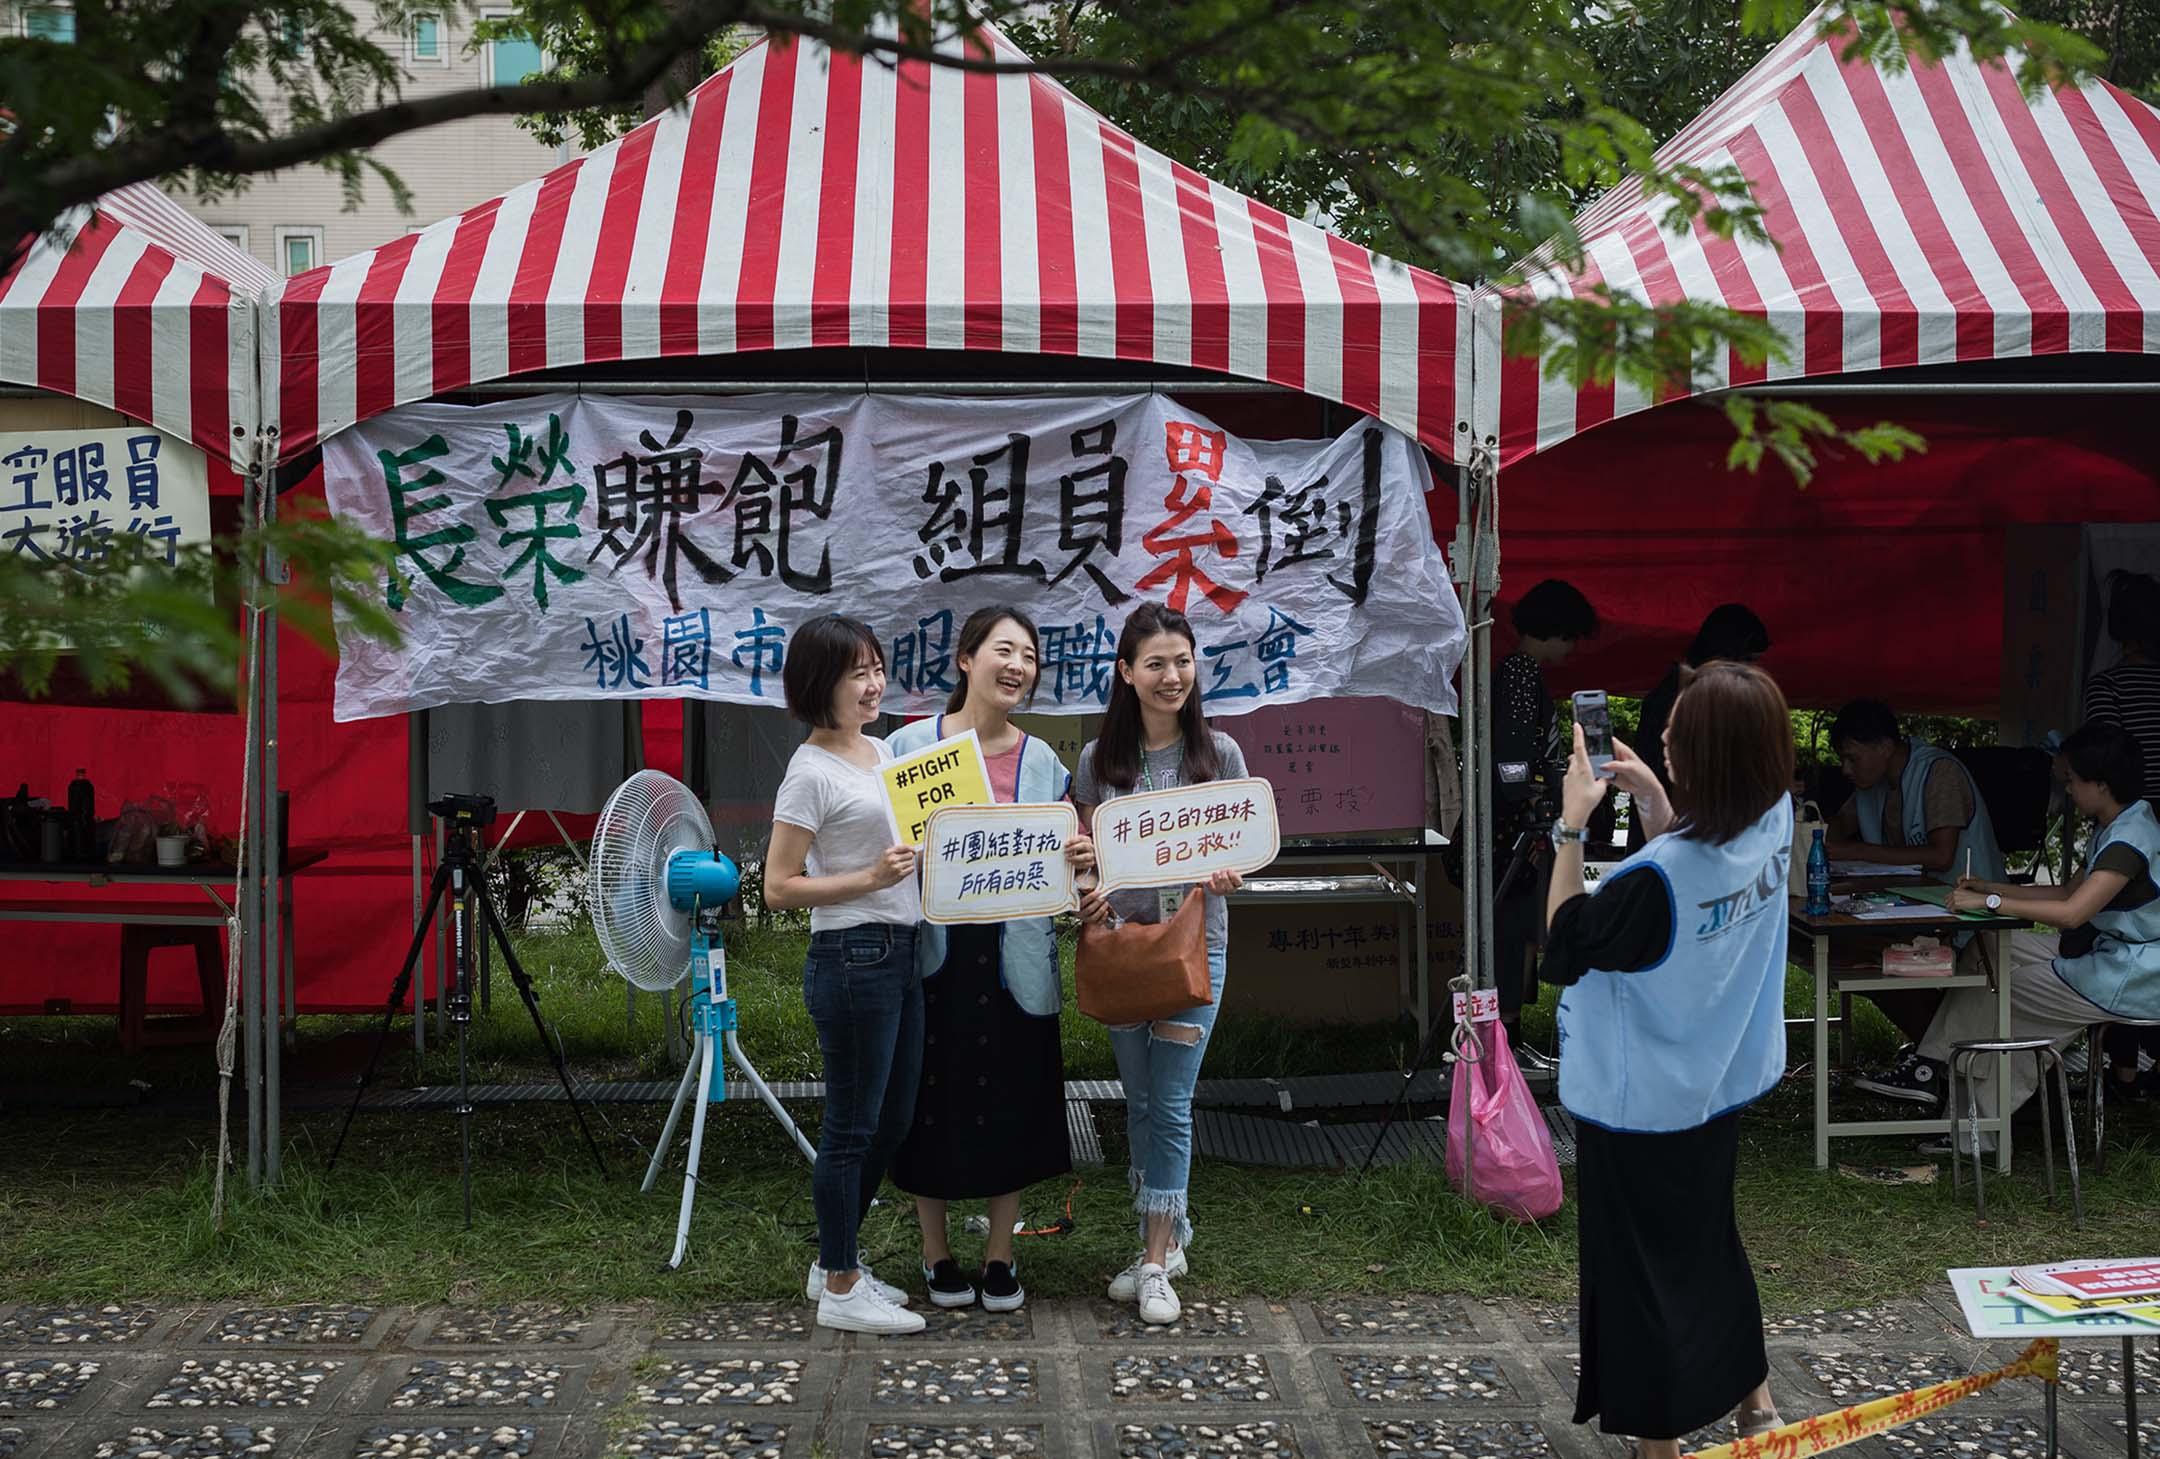 2019年5月15日,長榮桃園的投票站,員工在投票後在票站外拍照。 攝:陳焯煇/端傳媒